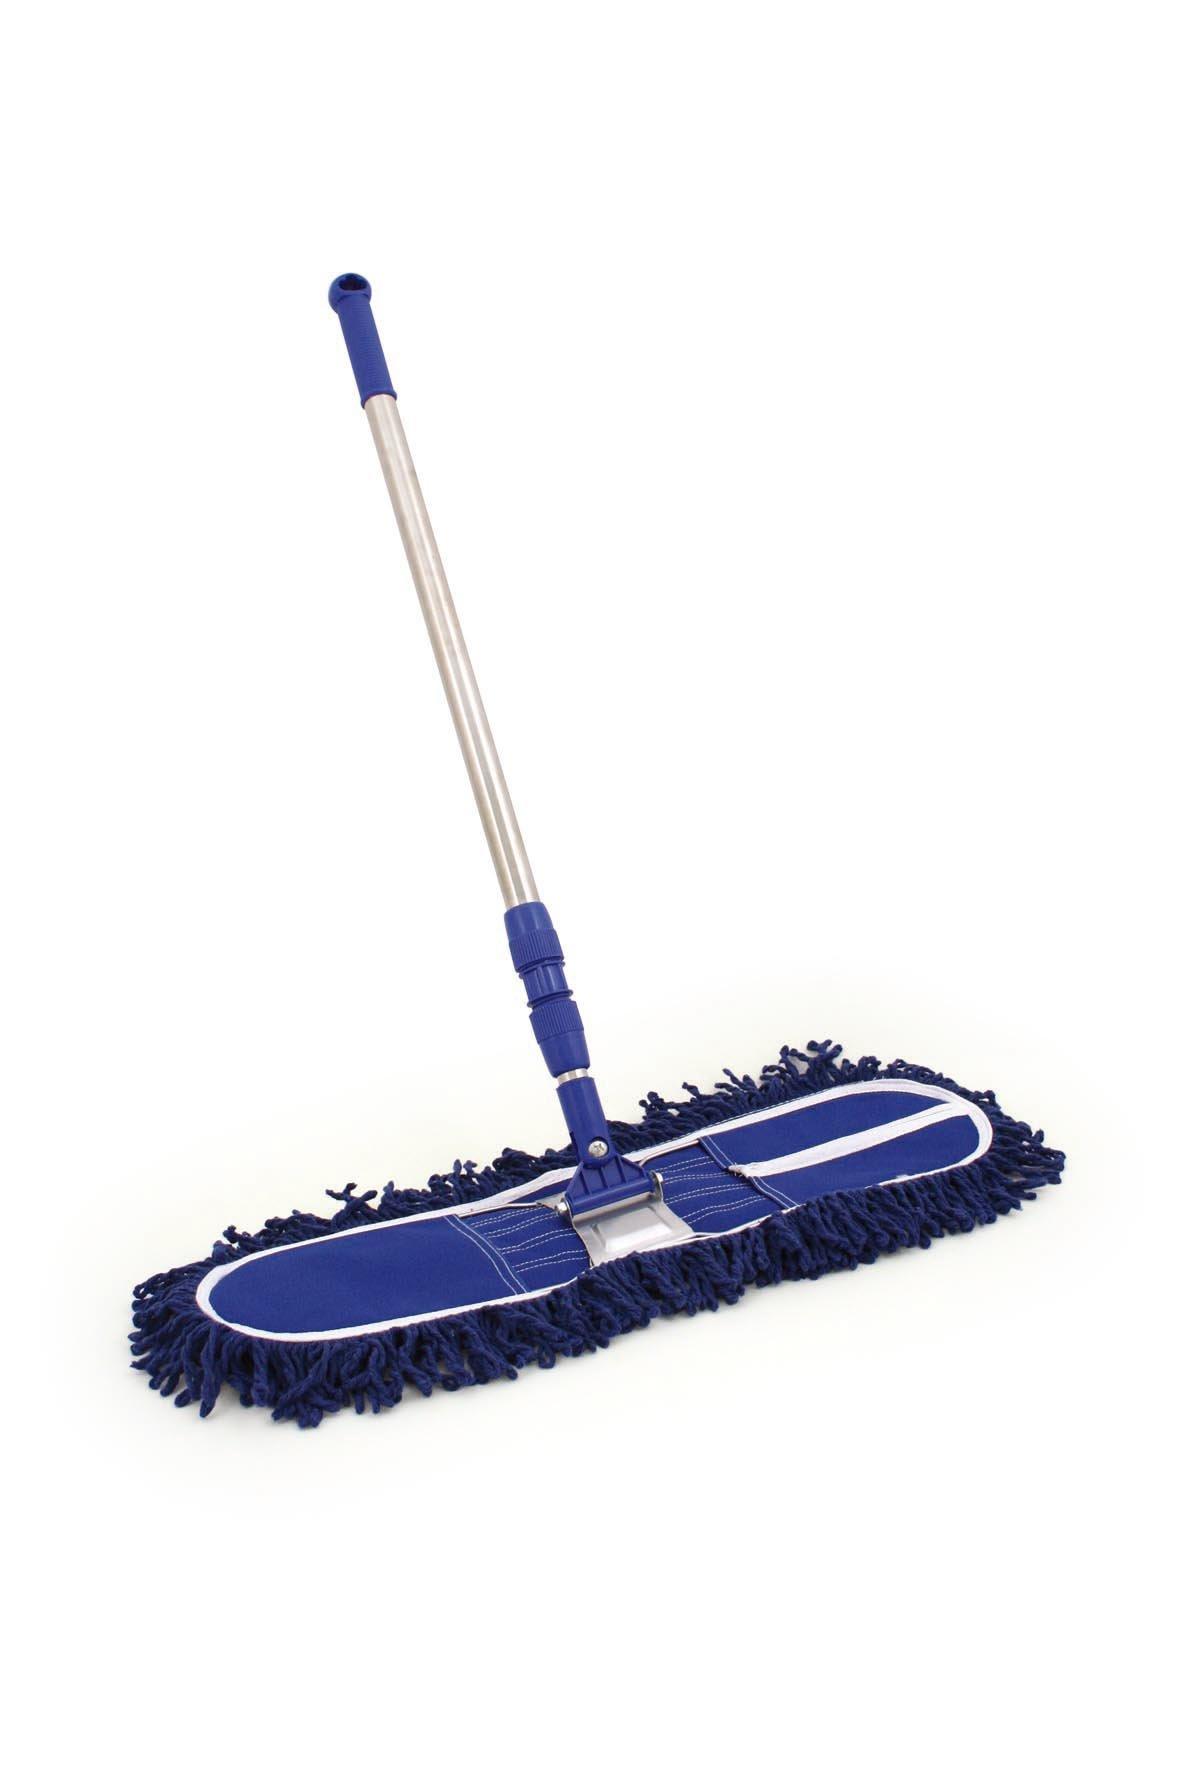 v-sweeper Floor Sweeper Syntex fibre mop Cleaner Carpet